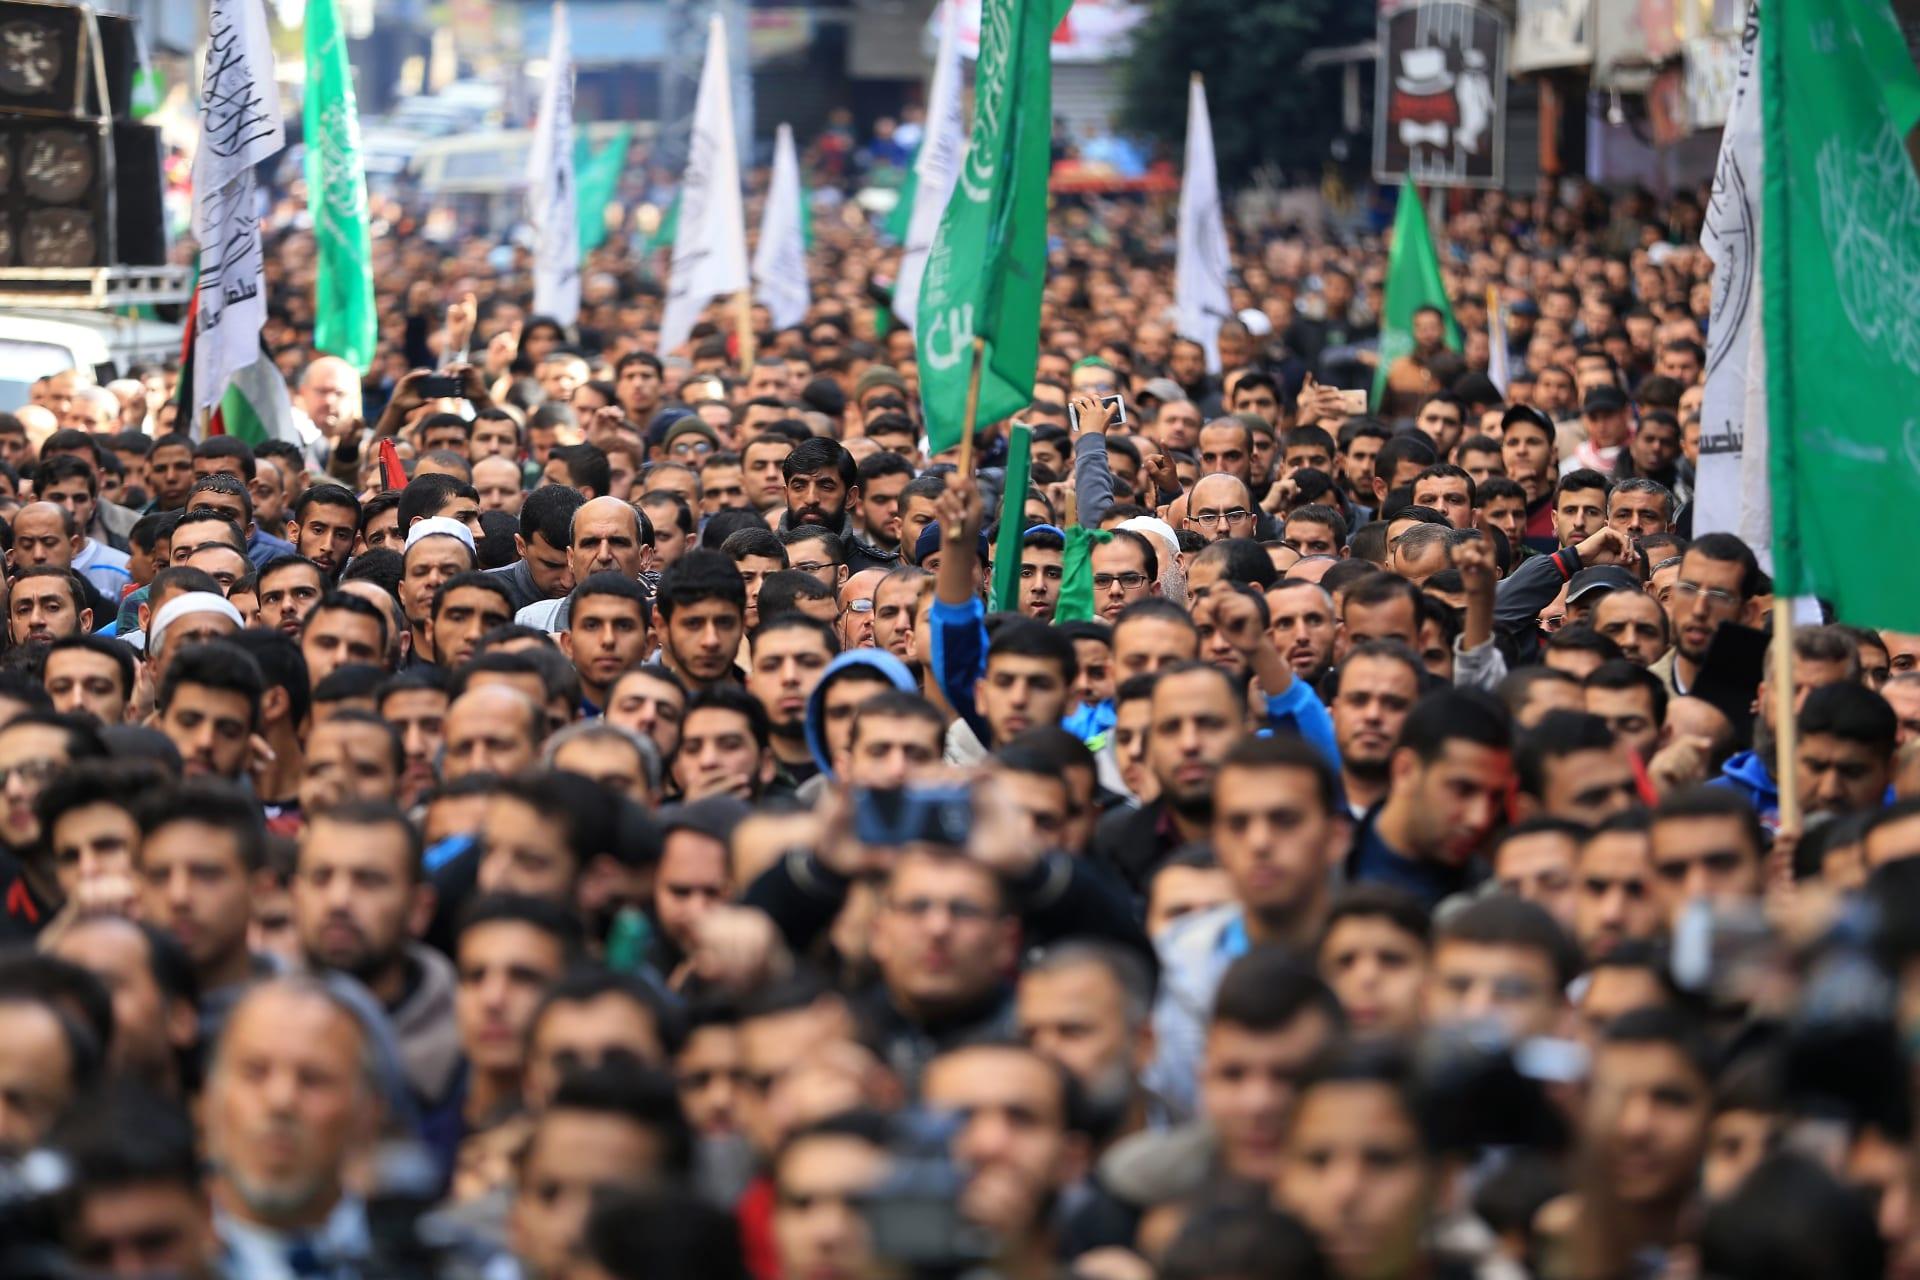 حماس ترد على أنباء تحدثت عن لقاء بين مسؤوليها وشخصيات إسرائيلية